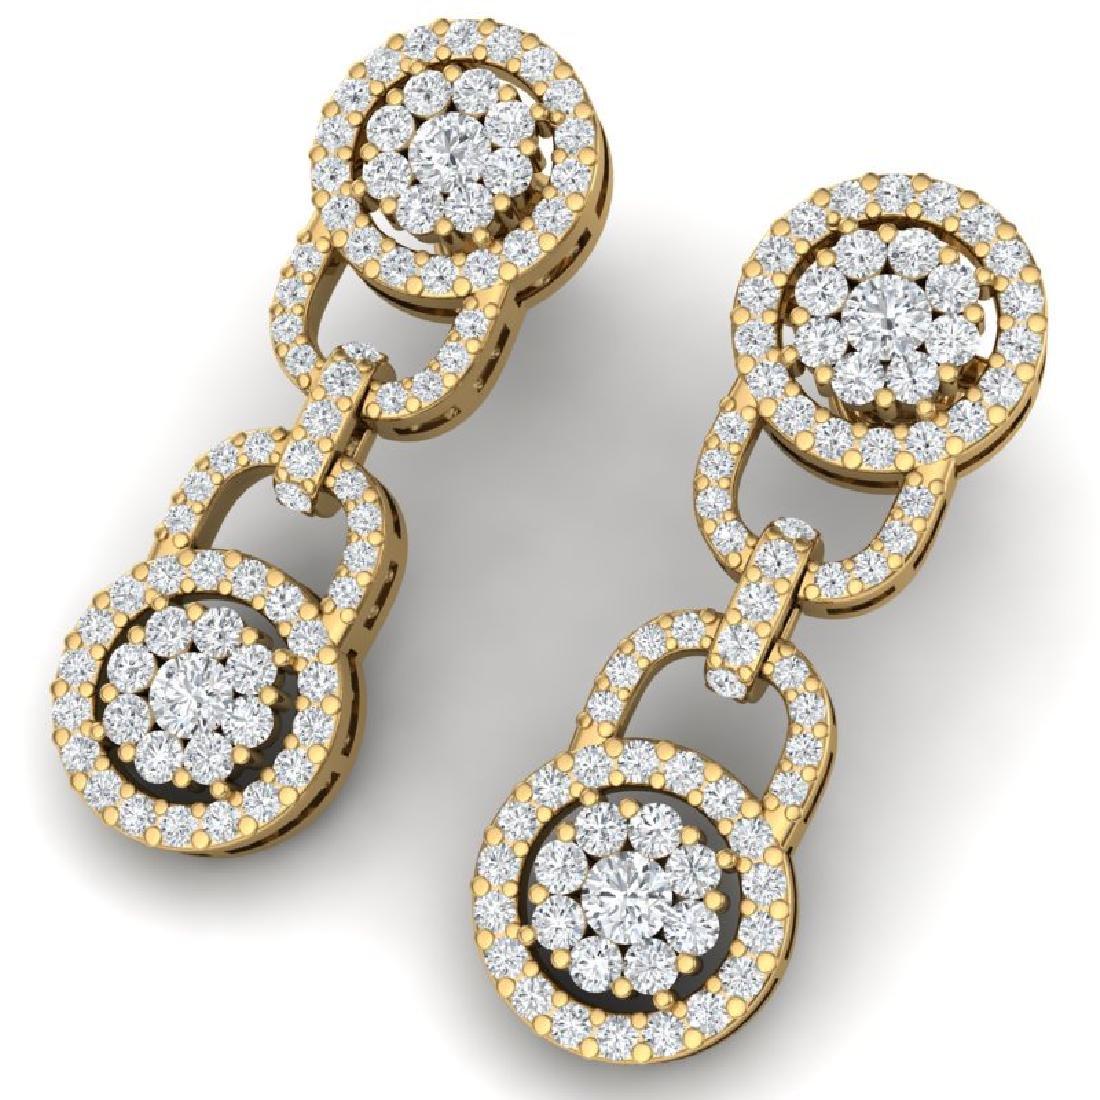 2.30 CTW Certified SI/I Diamond Halo Earrings 18K